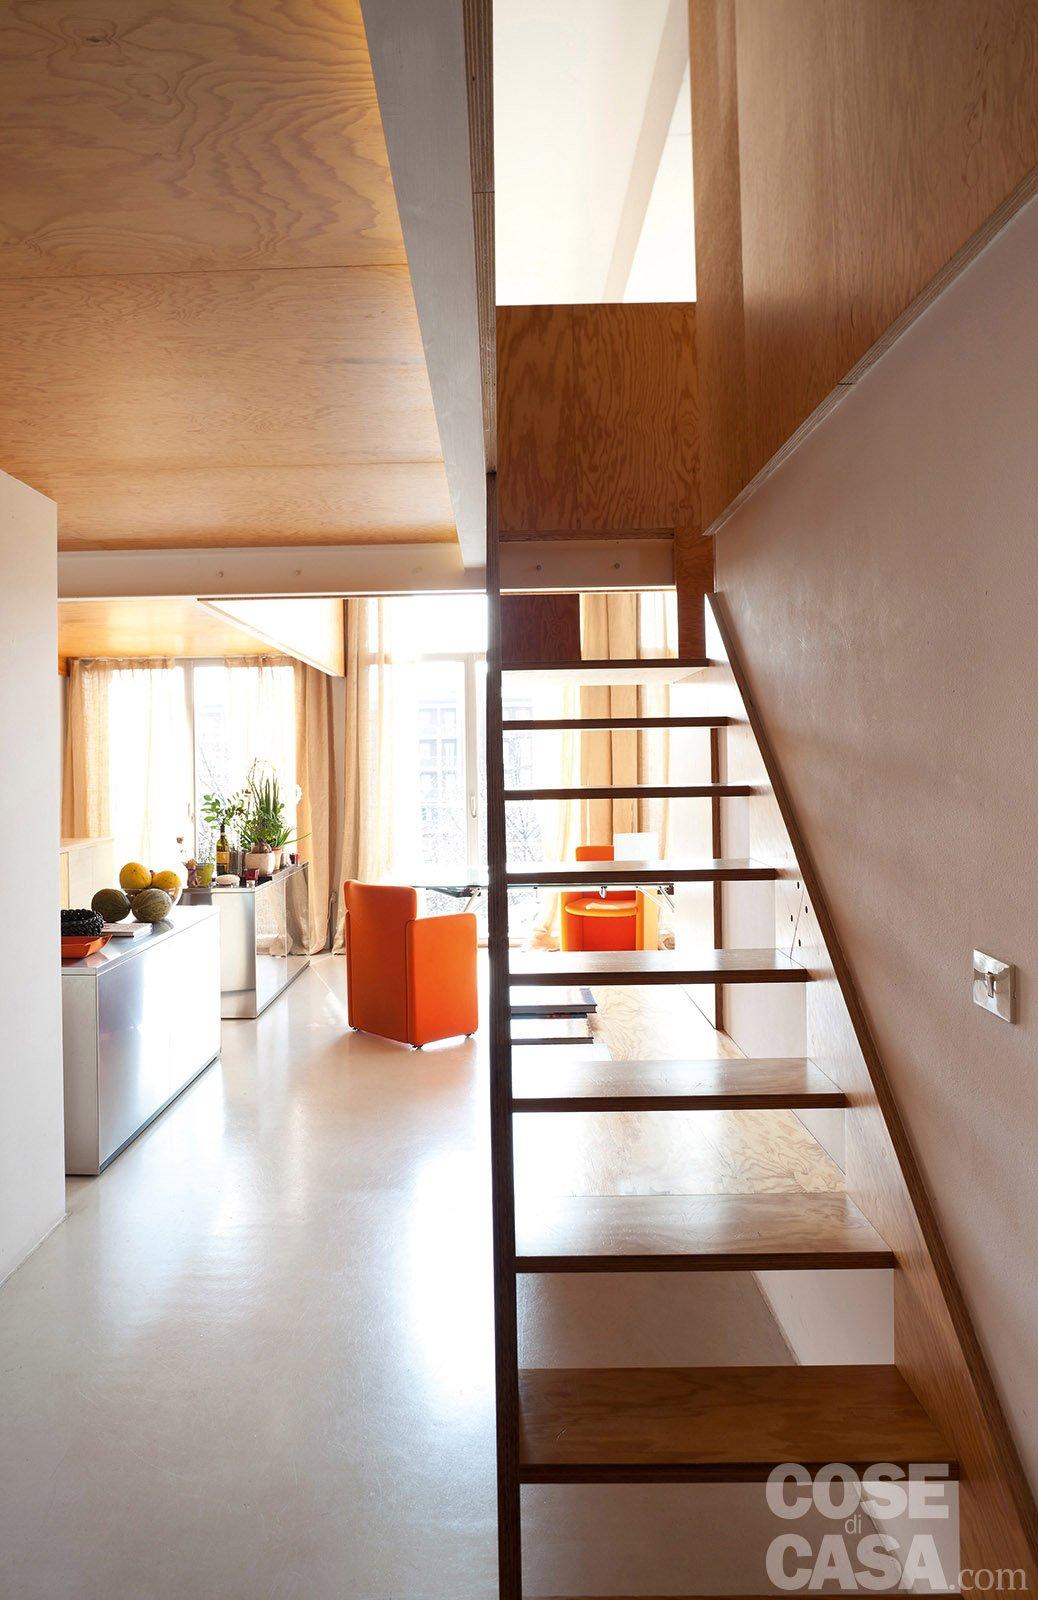 Loft una casa con materiali protagonisti e soppalco per for Registrare i piani di casa con soppalco